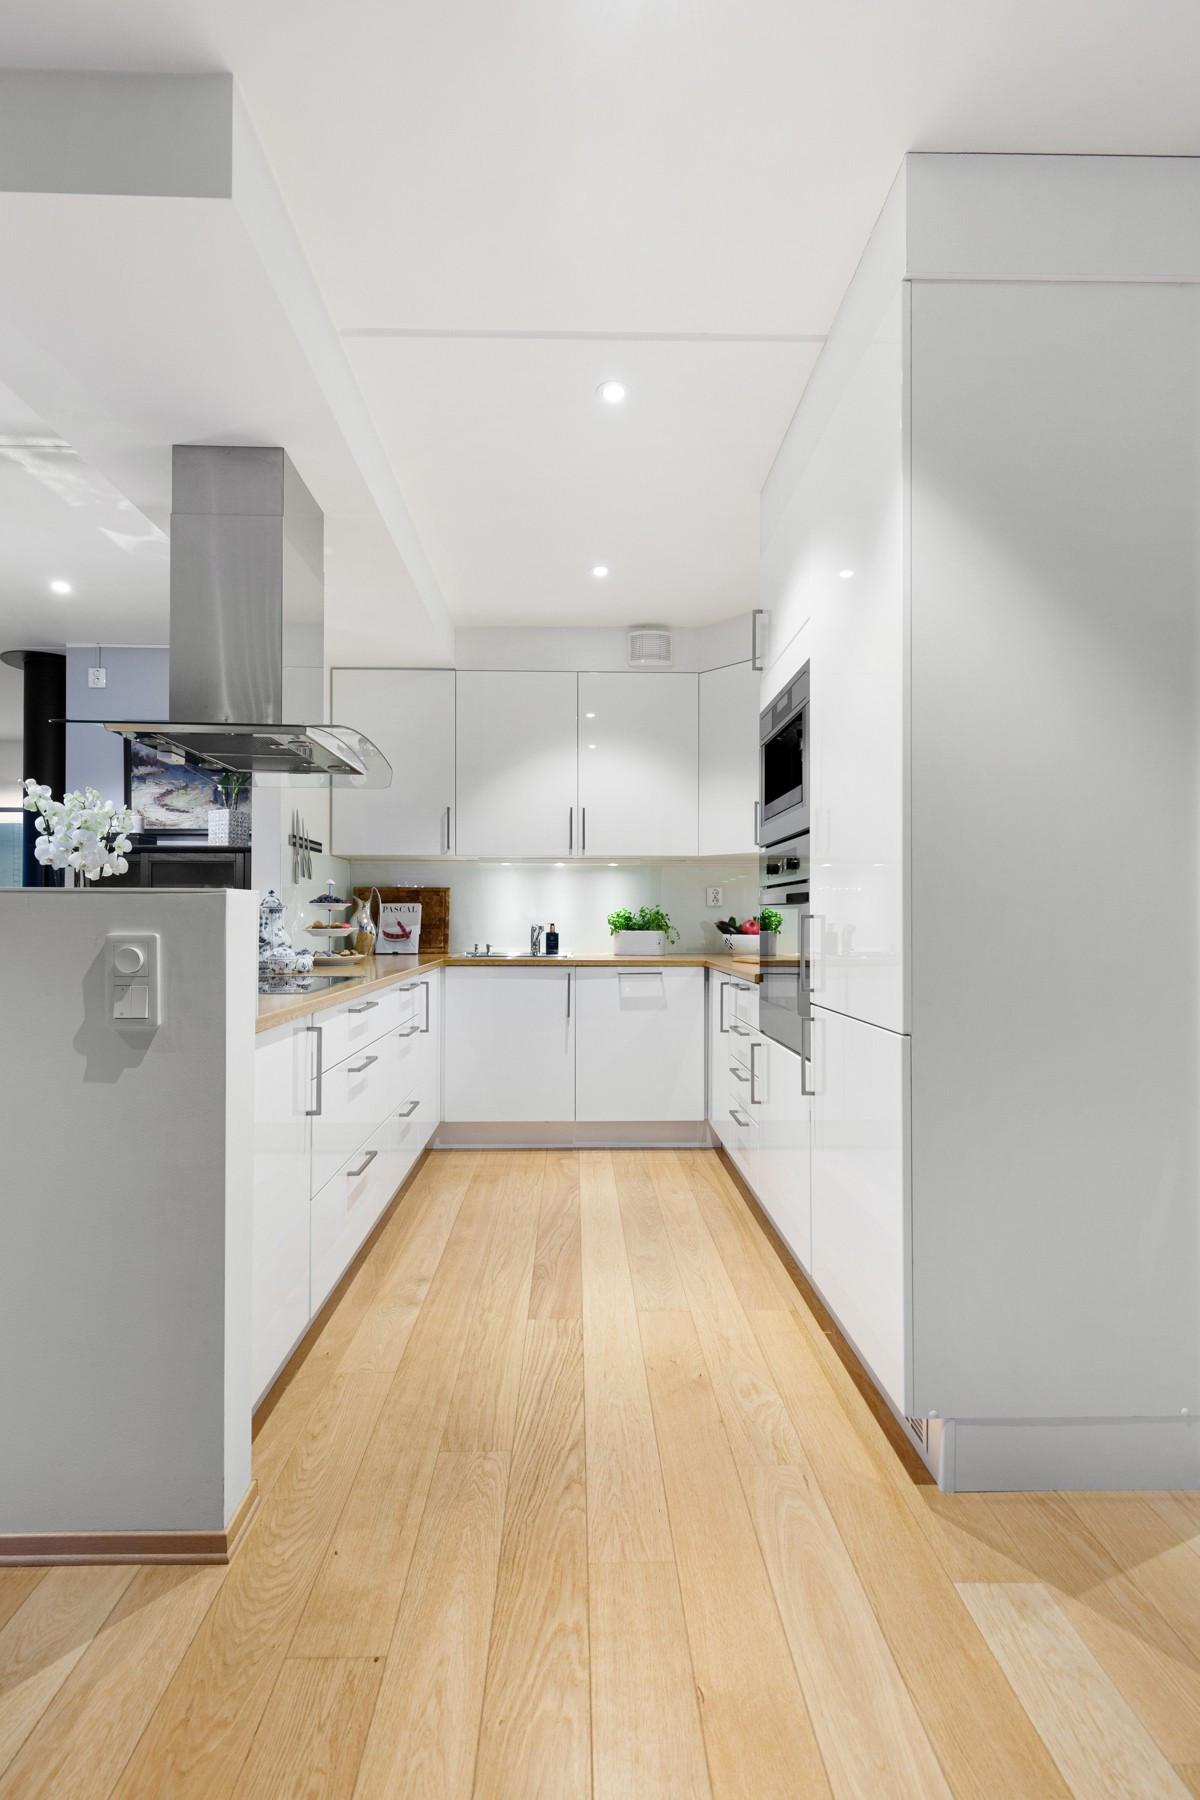 Kjøkkeninnredningen er av ypperste klasse med blant annet induksjontopp og kaffemaskin. Her får du kvaliteten du alltid har drømt om